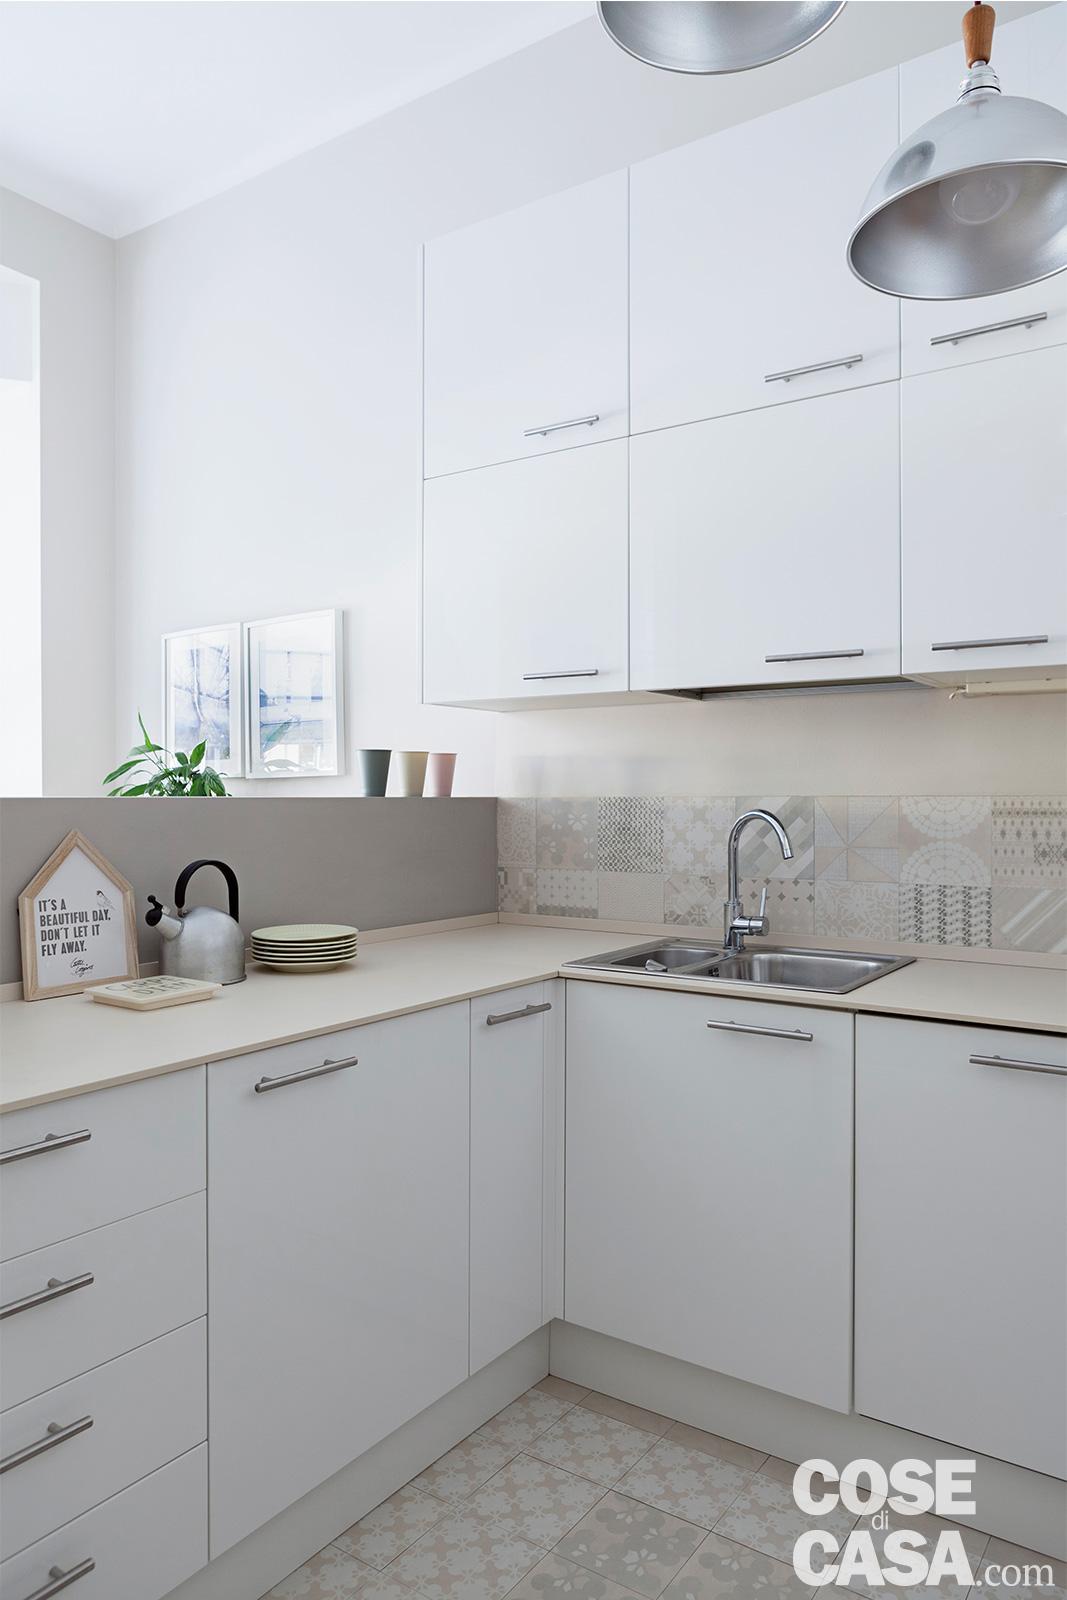 Arredamento Cucina Stile Nordico una casa in stile nordico, elegante e accogliente - cose di casa